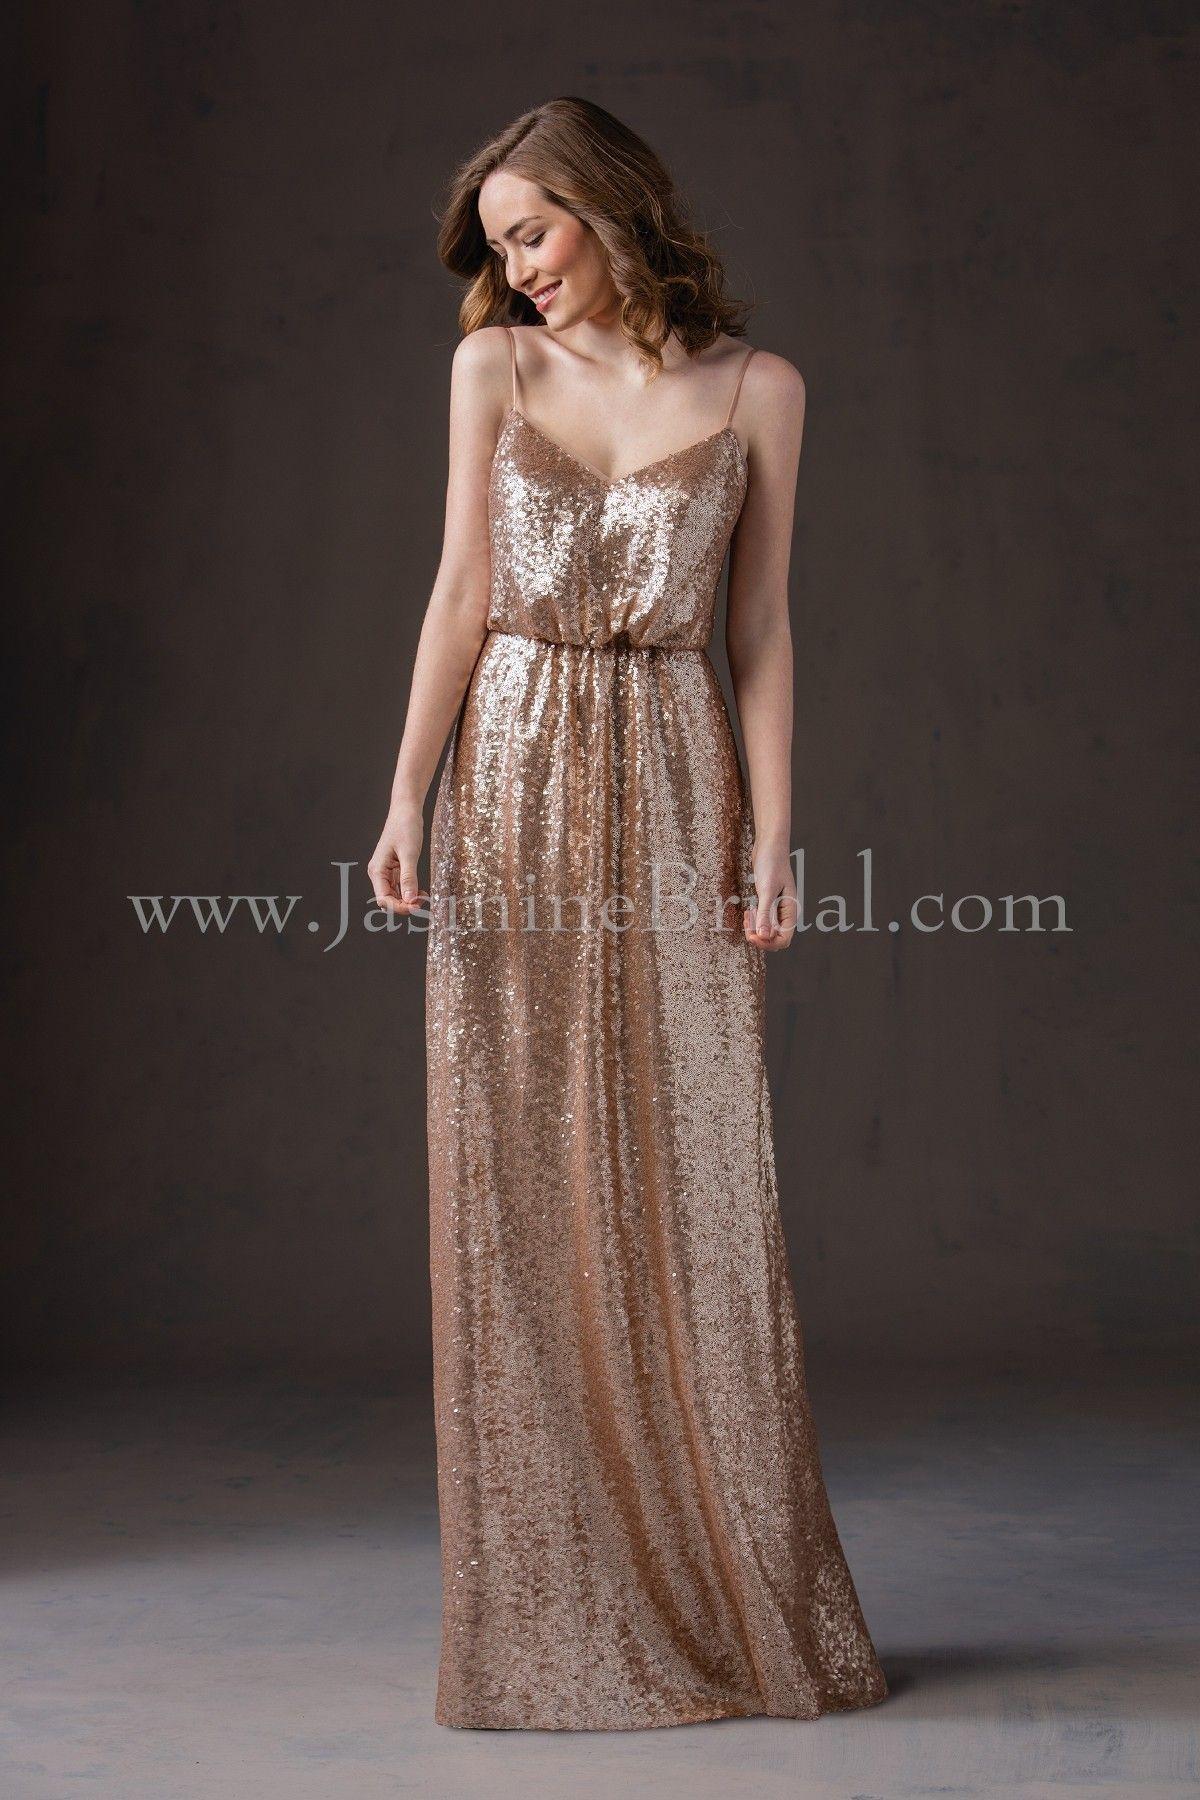 Jasmine bridal bridesmaid dress belsoie style l184065 in light jasmine bridal bridesmaid dress belsoie style l184065 in light gold ombrellifo Images